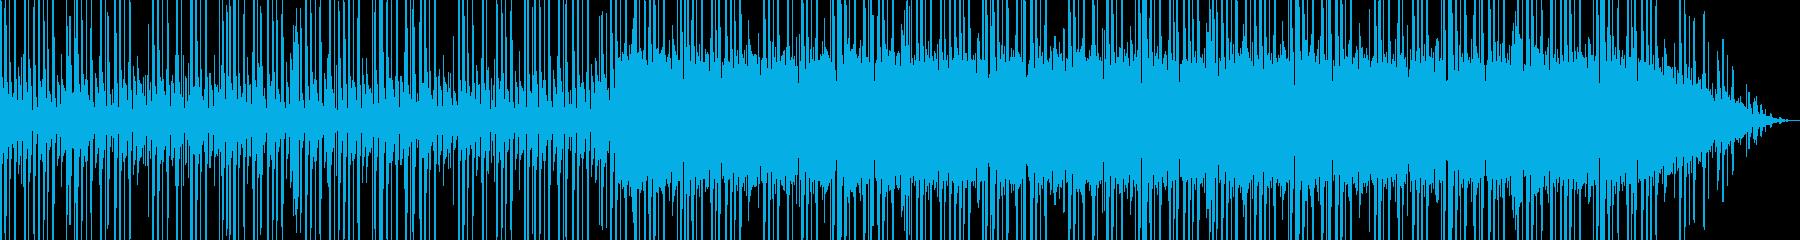 ブラックミュージックの再生済みの波形